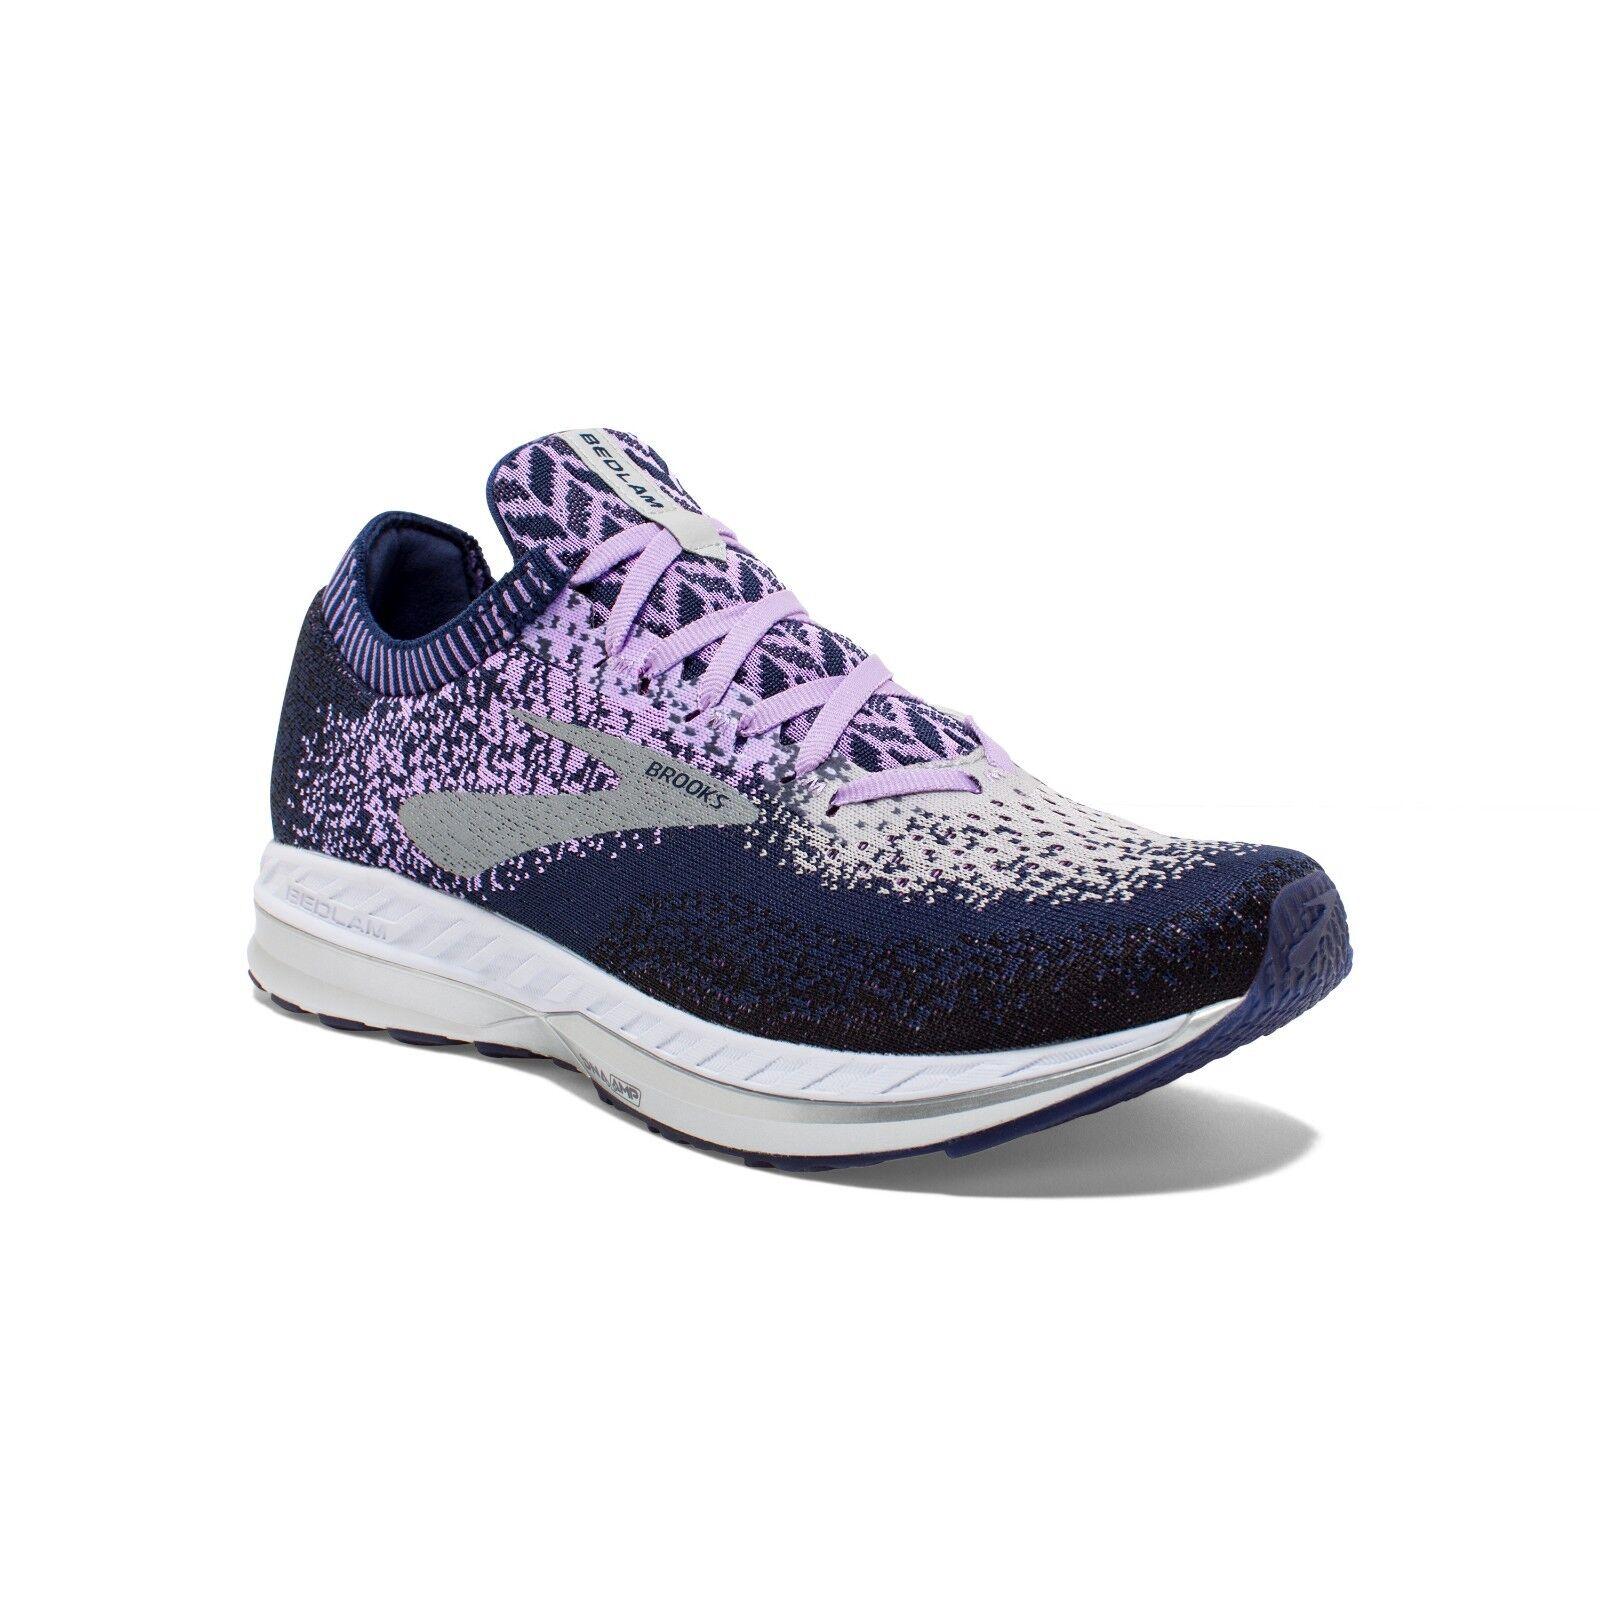 Brooks Bedlam mujer Running zapatos (B) (585)